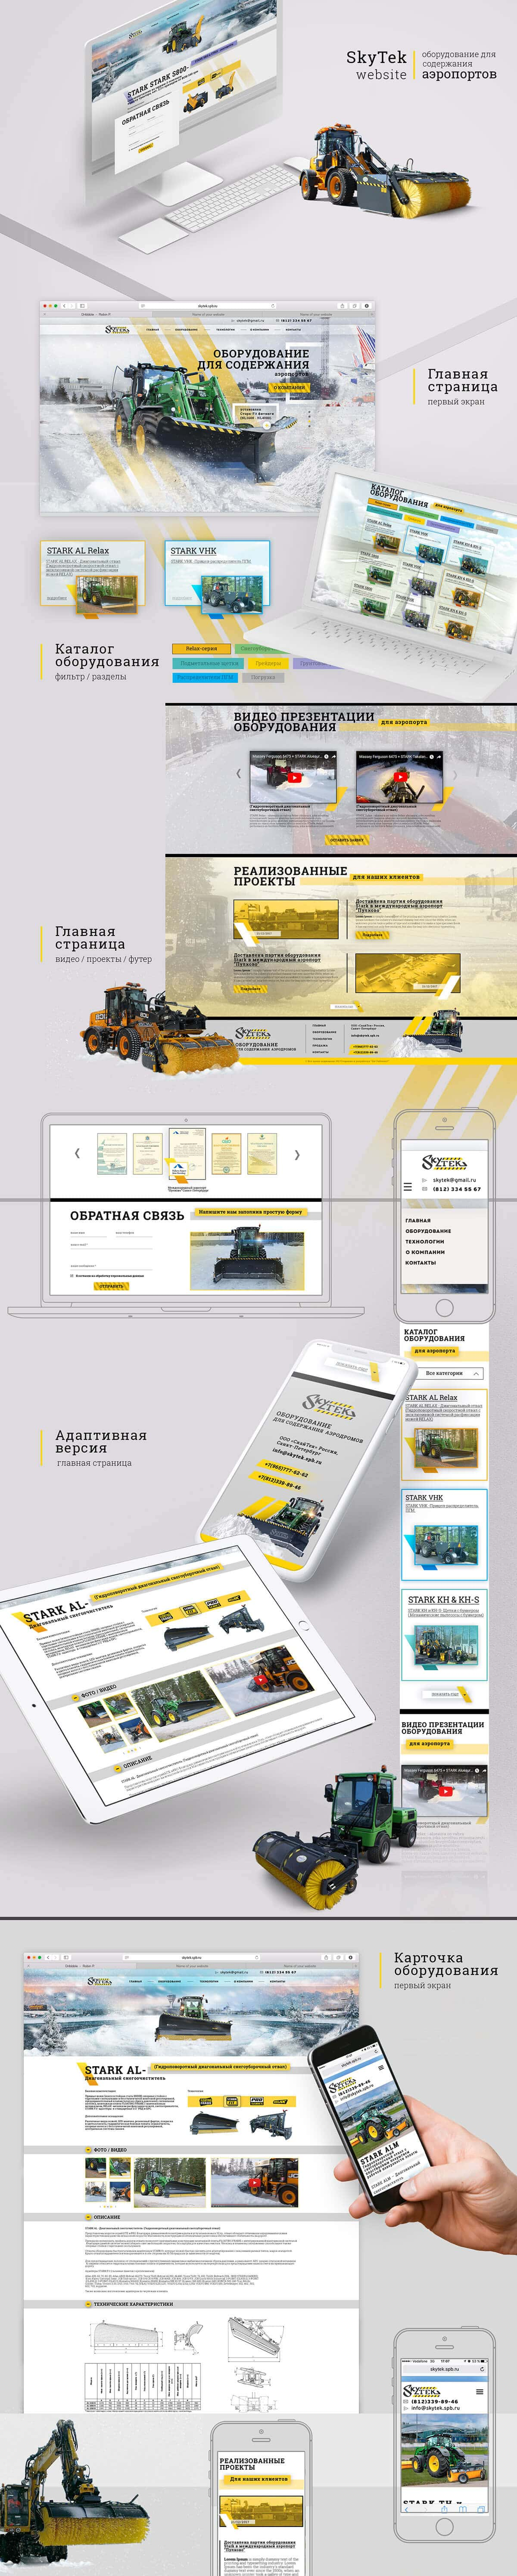 Создание сайта для компании «Скайтэк»